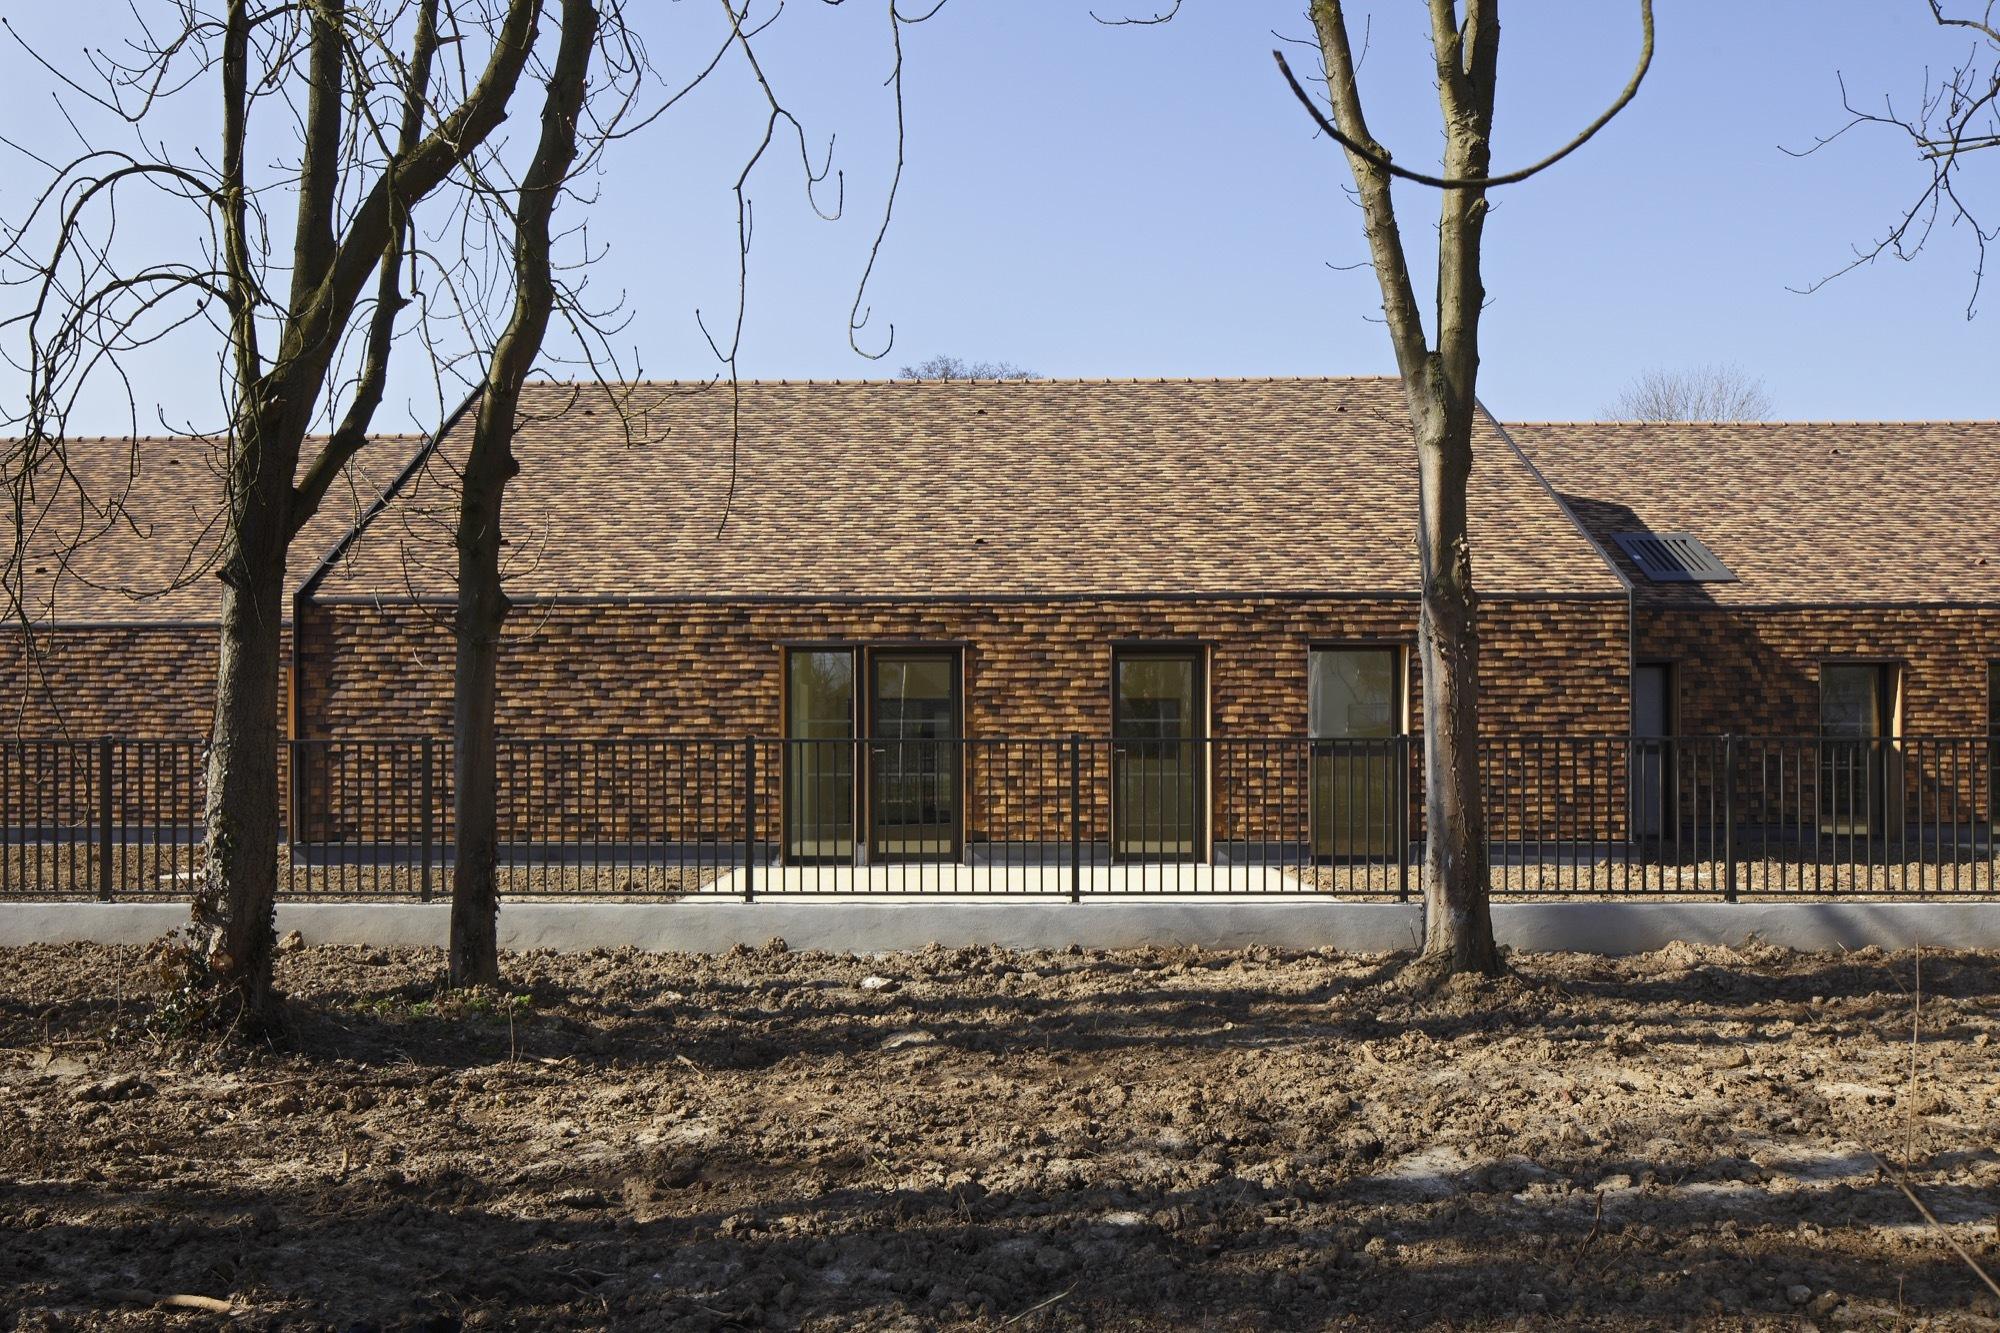 Gallery of maison de l enfance nomade architectes 5 for Architecture utopique nomade